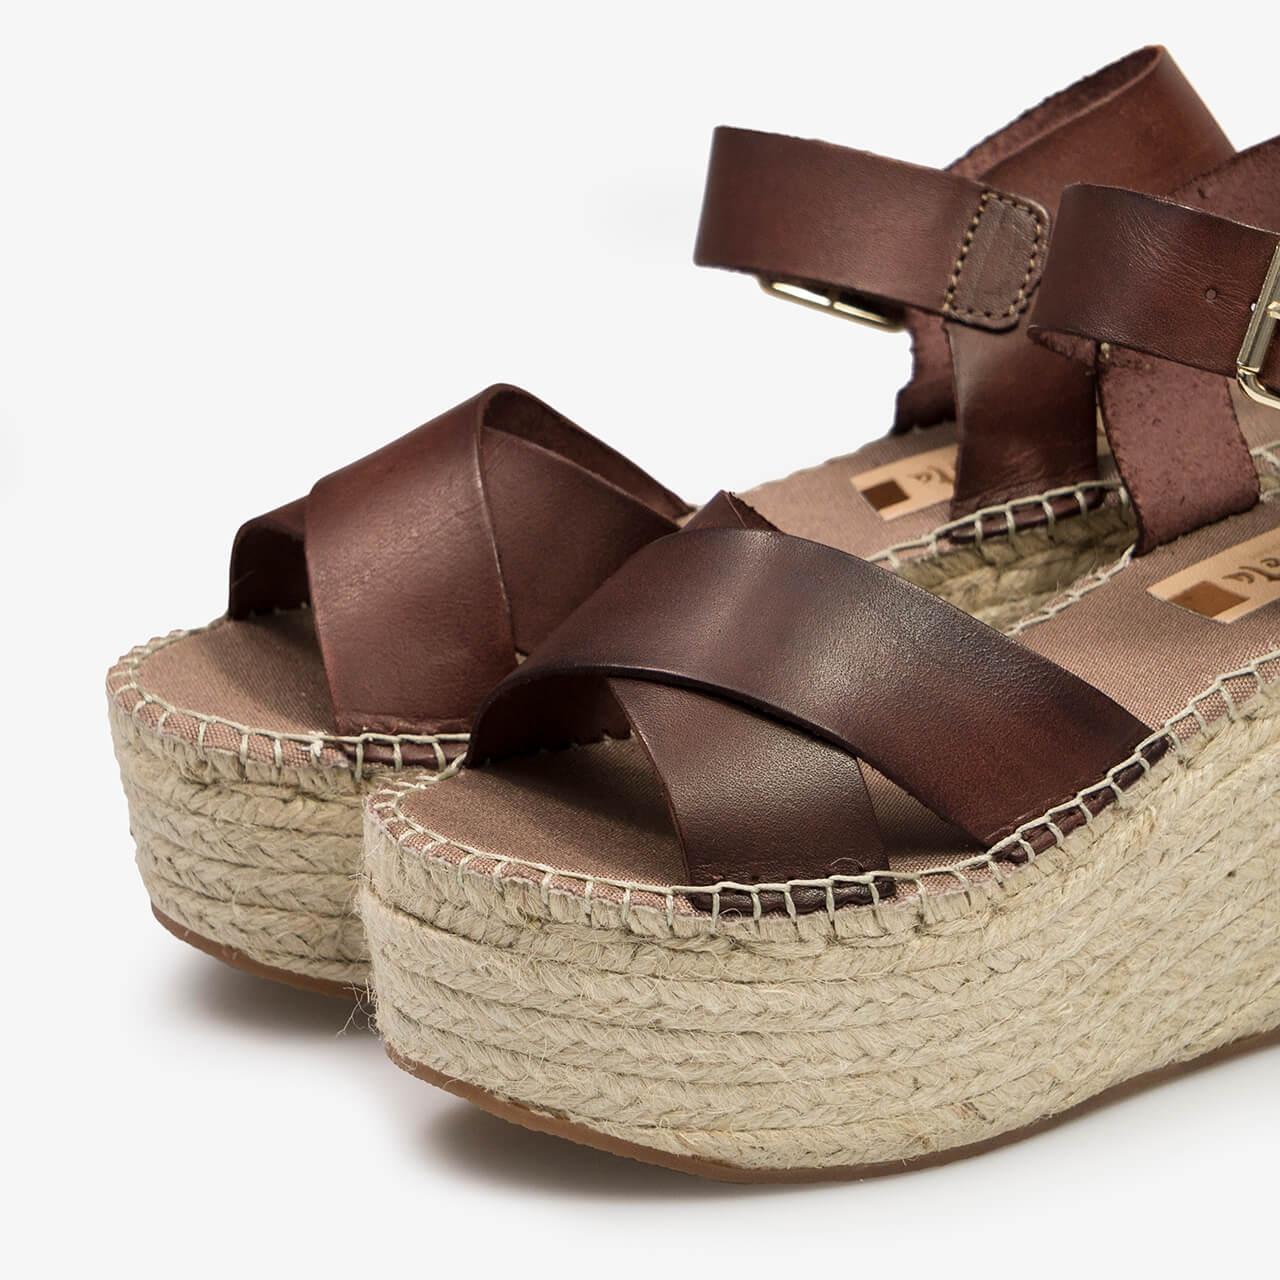 sandalias mujer - Ítem2